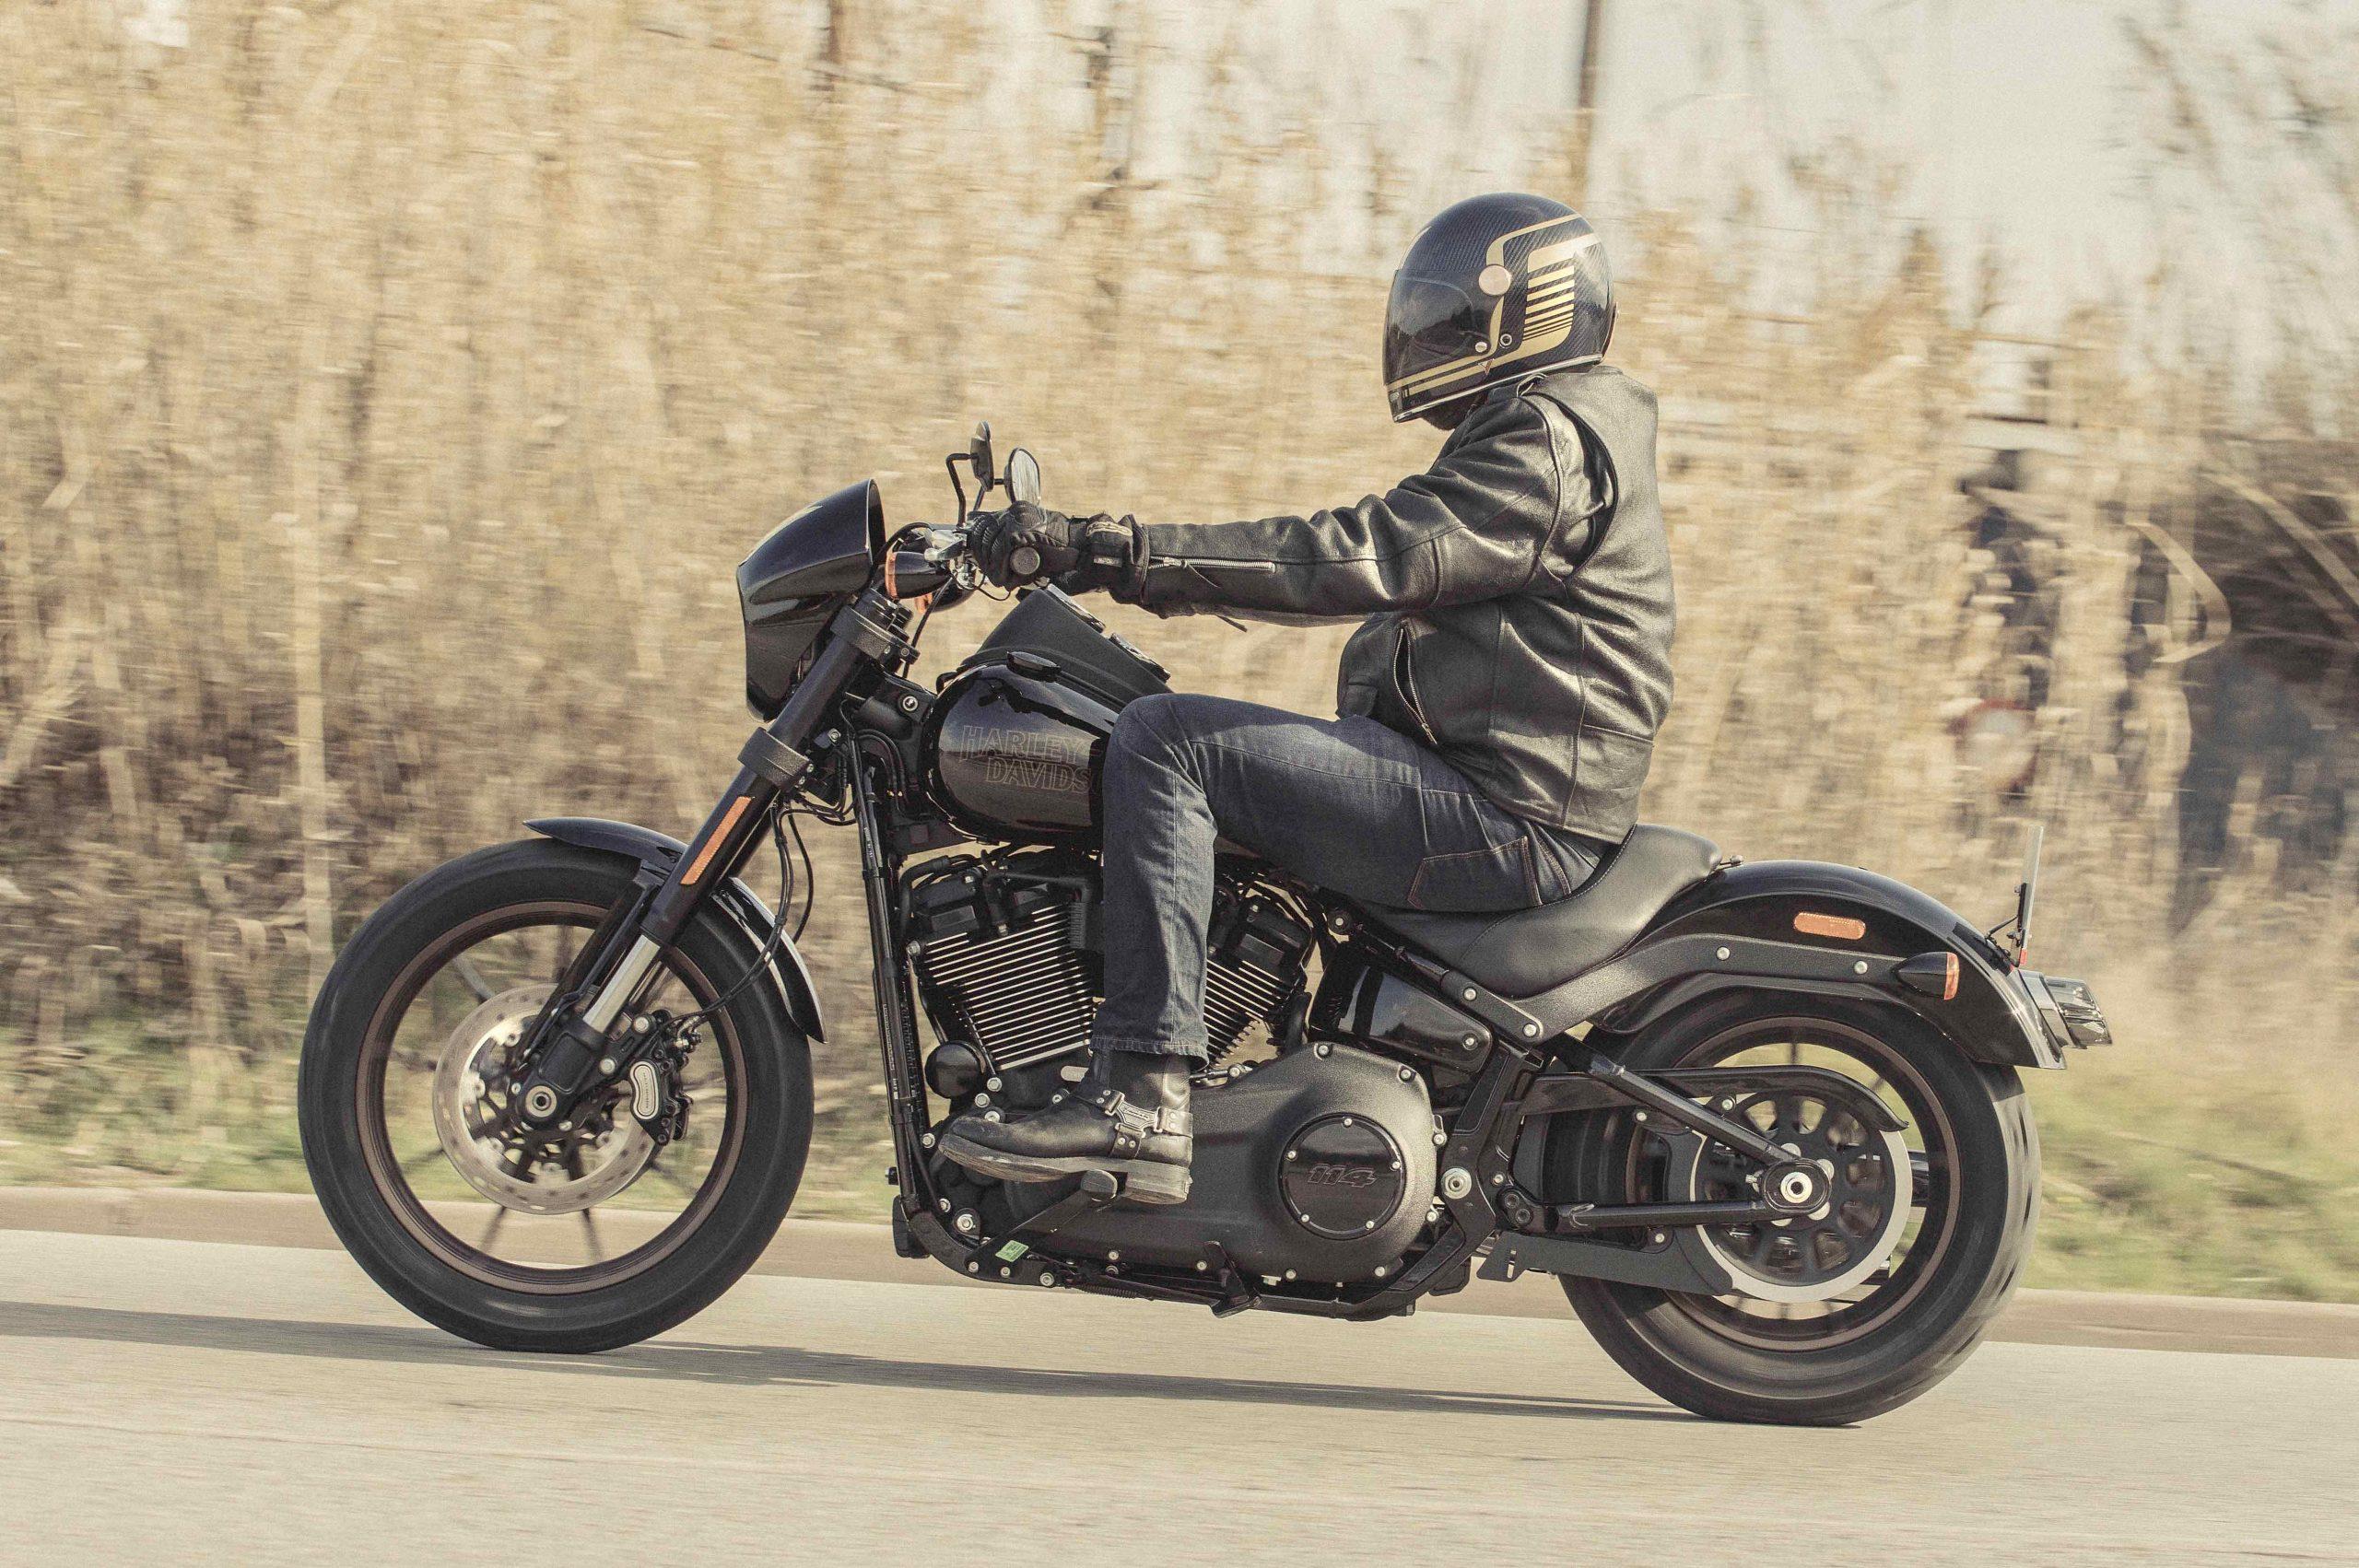 5fotografia-motos-motor-motosnet-dosruedas-fotografa-barcelona-motocicleta-harley